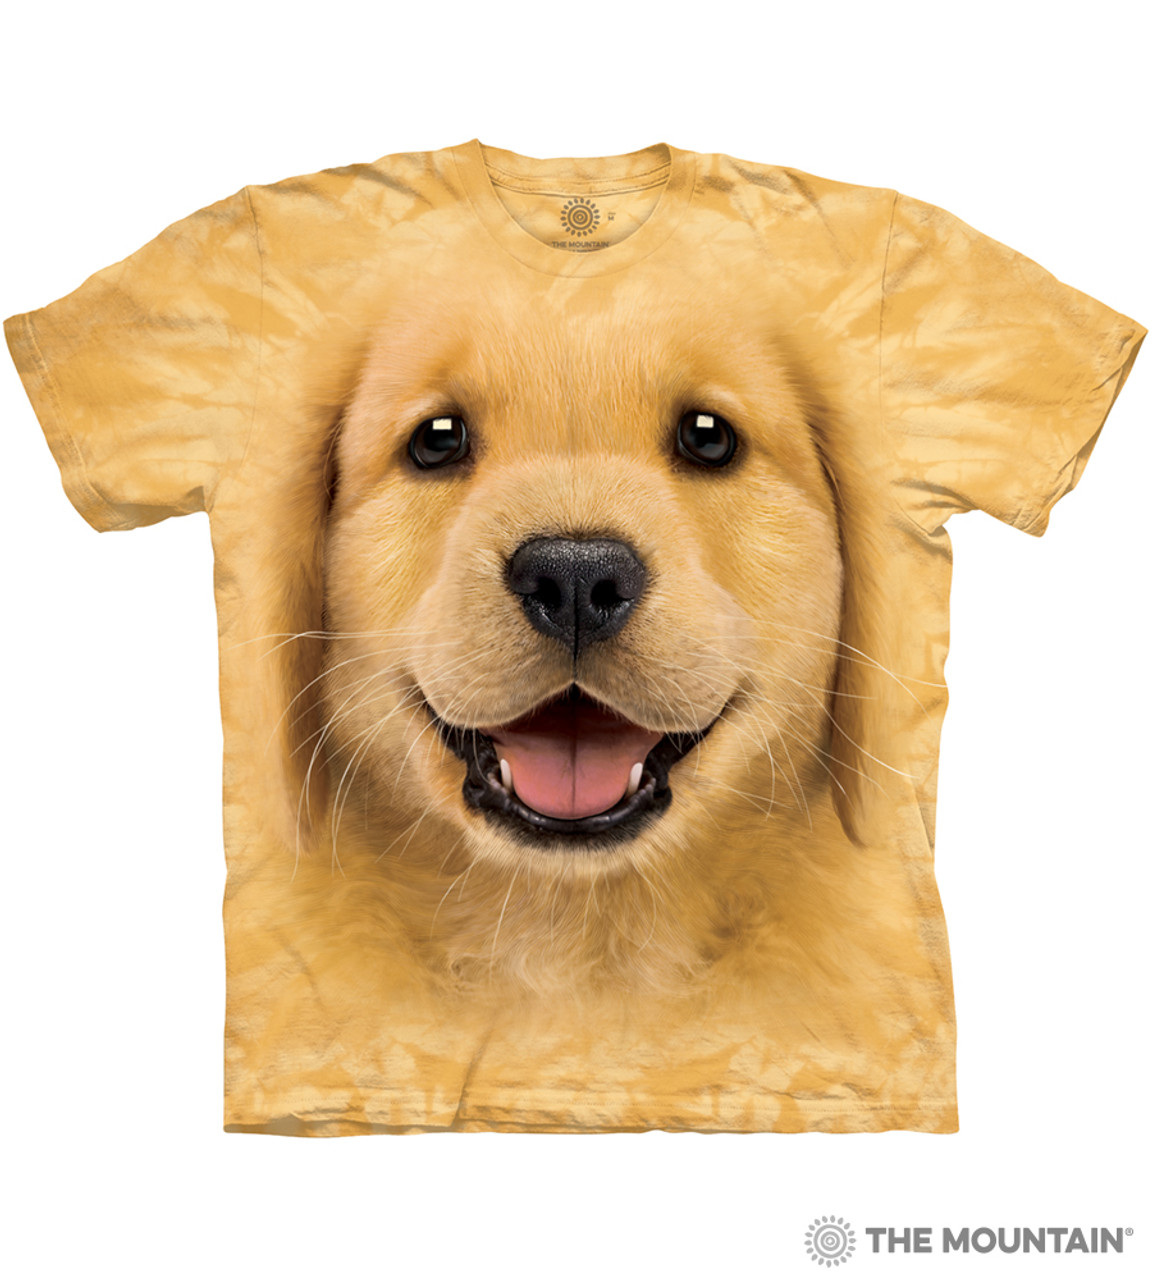 The Mountain Adult Unisex T-Shirt - Golden Retriever Puppy